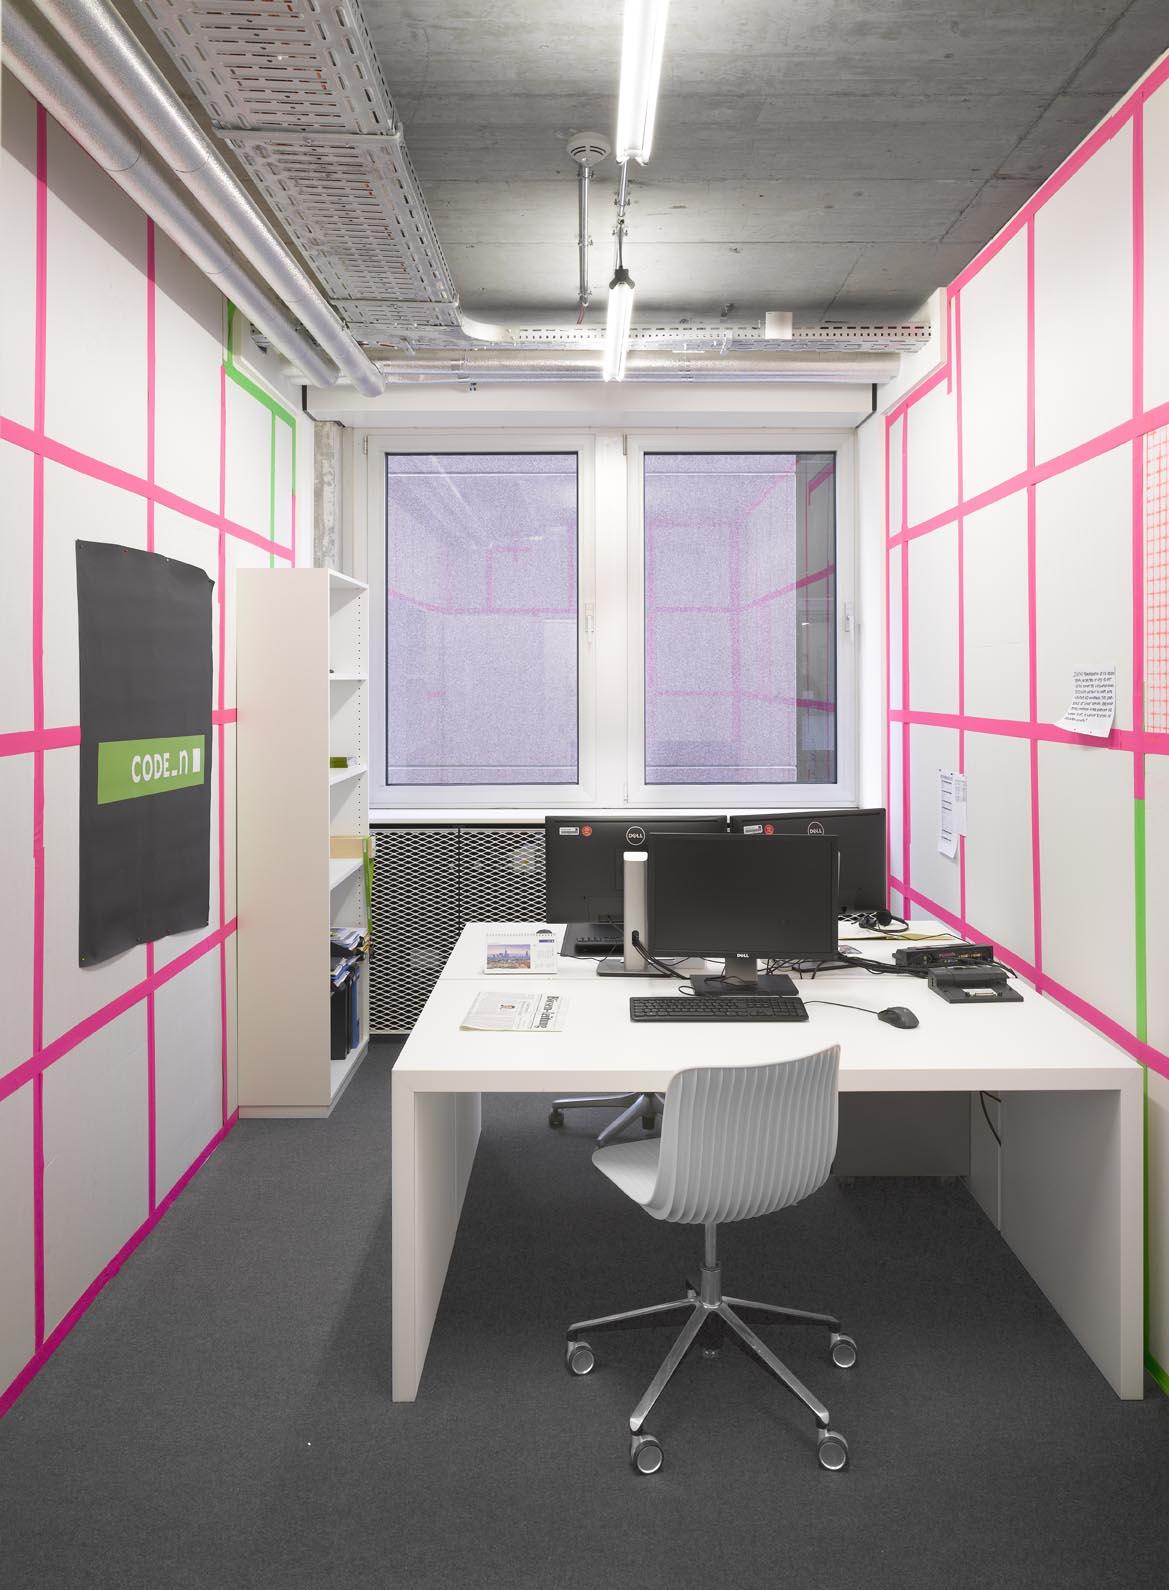 CODE_n SPACES Startup Office / Workspace